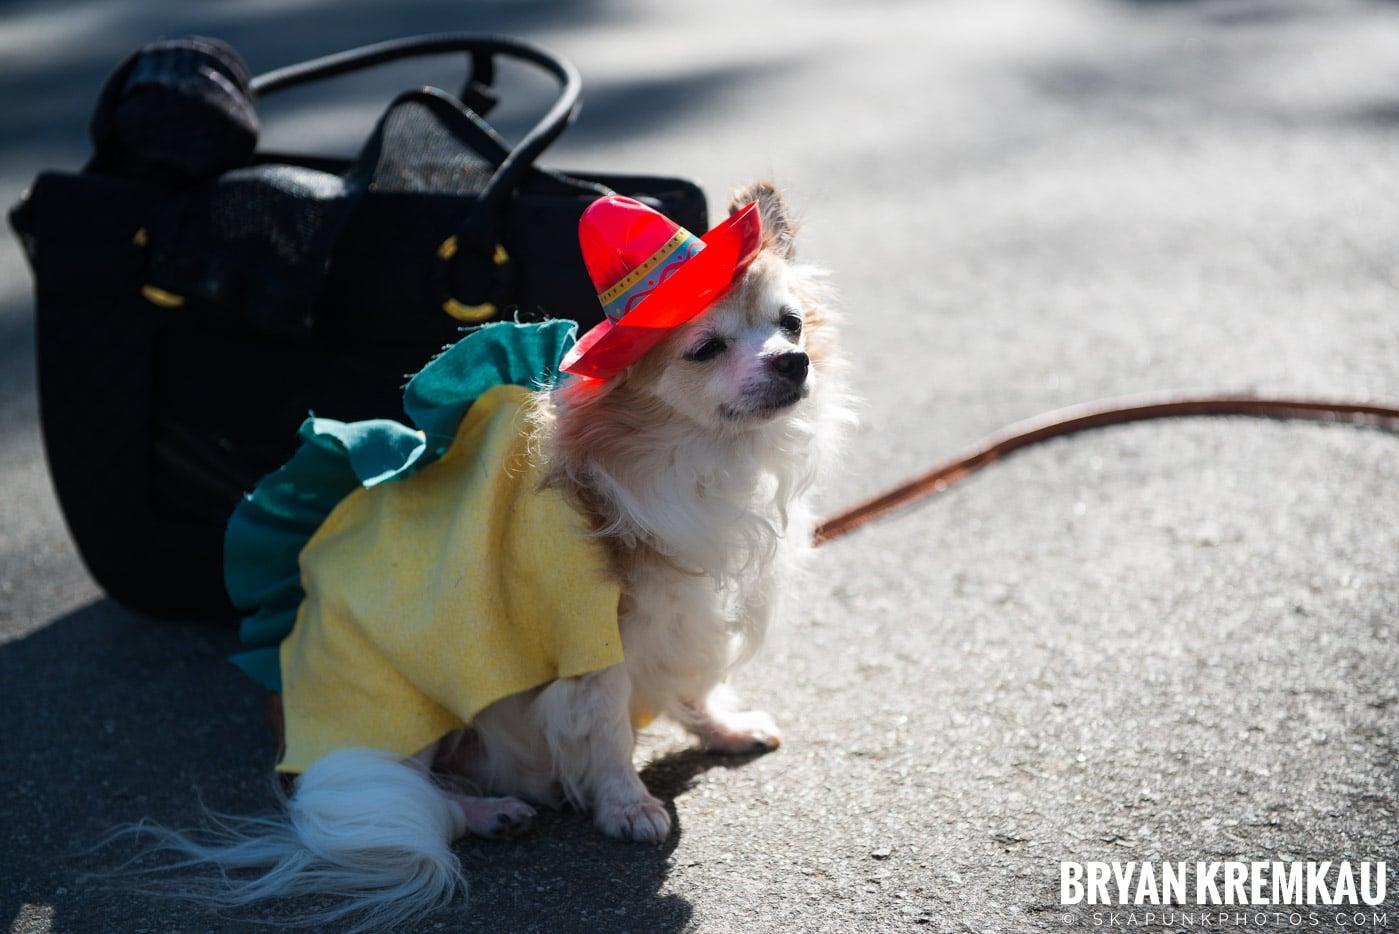 Tompkins Square Park Halloween Dog Parade 2017 @ Tompkins Square Park, NYC - 10.21.17 (52)